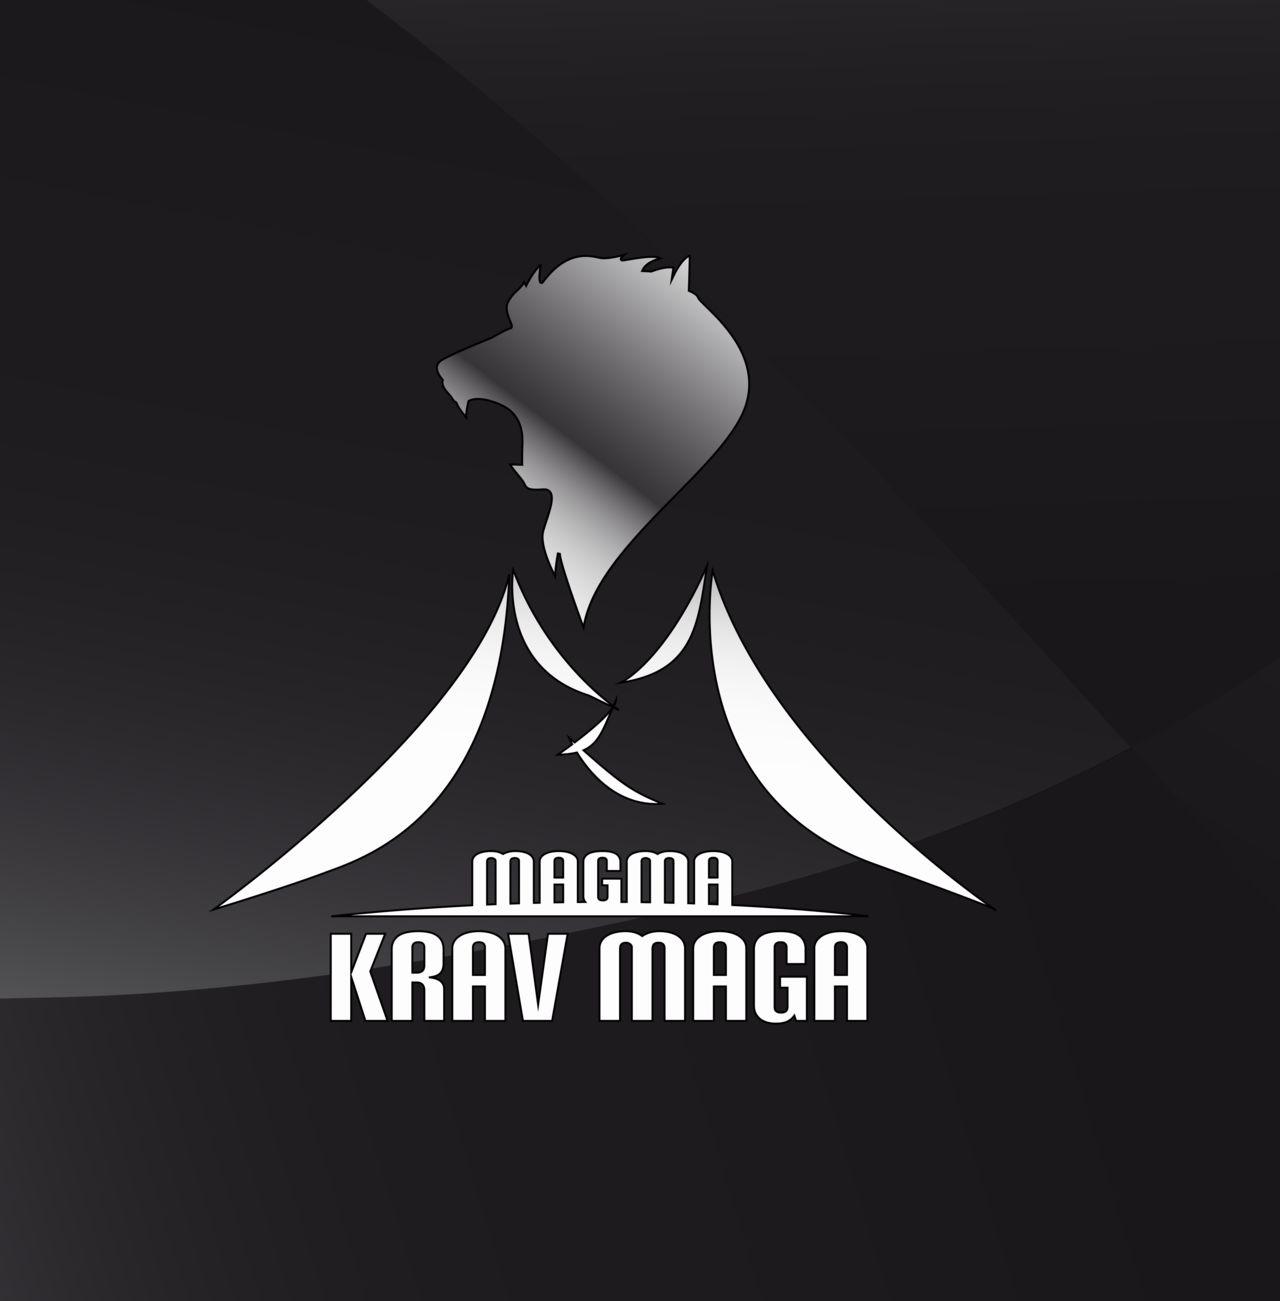 M.A.G.M.A. Krav Maga